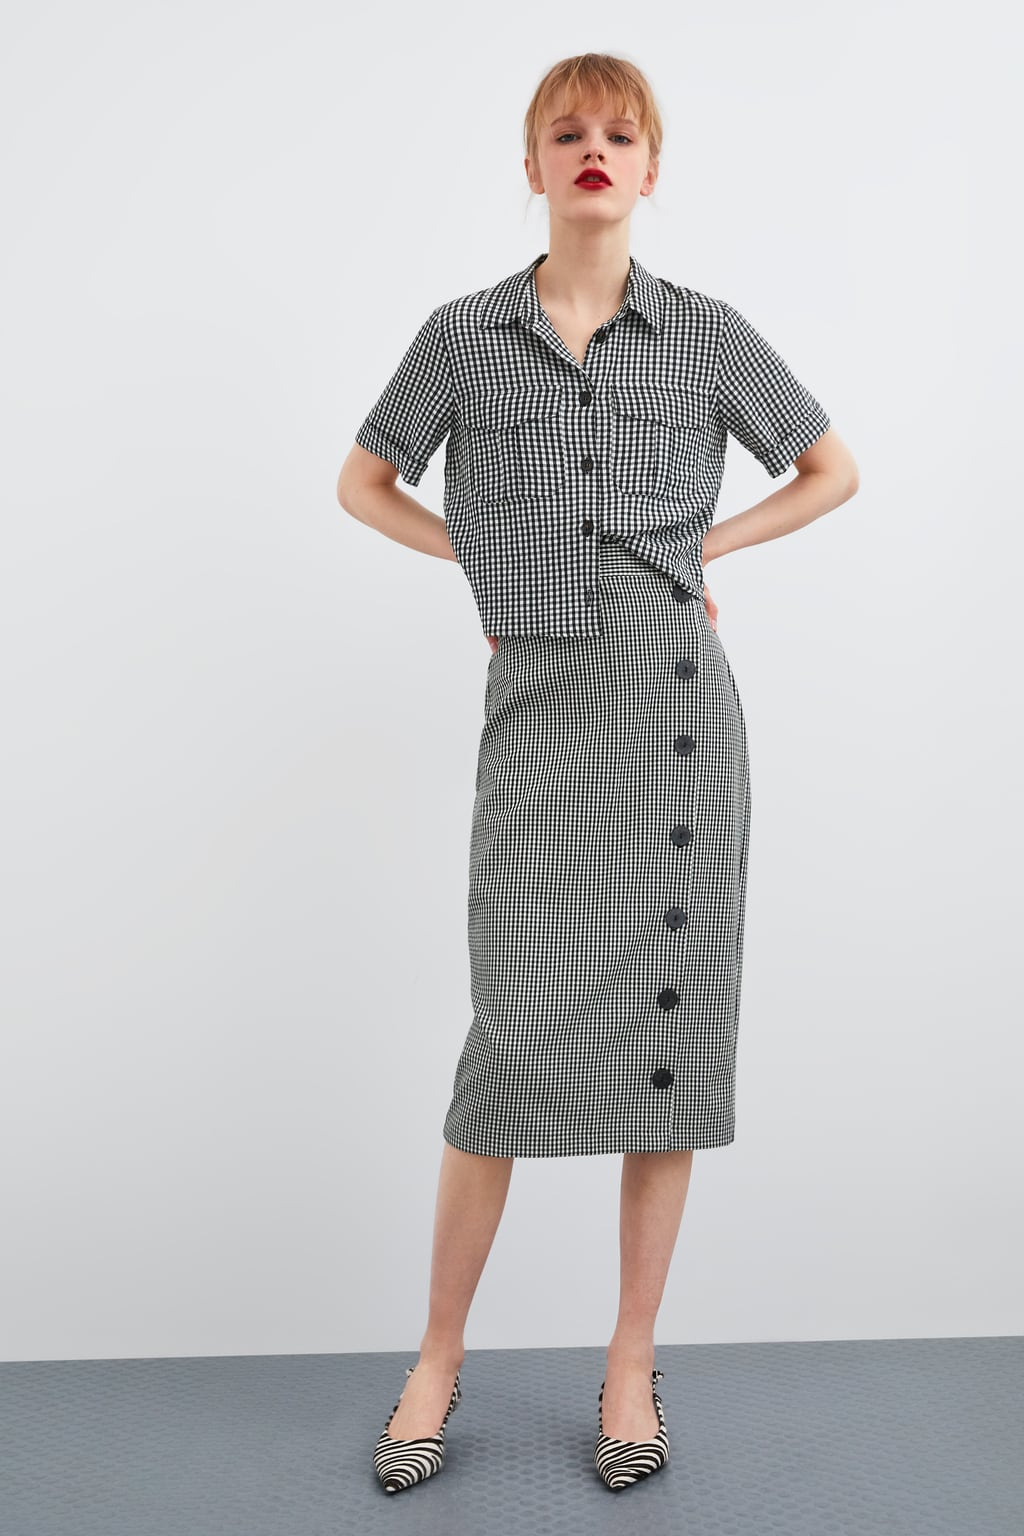 Camisa de Zara de estampado de cuadros vichy